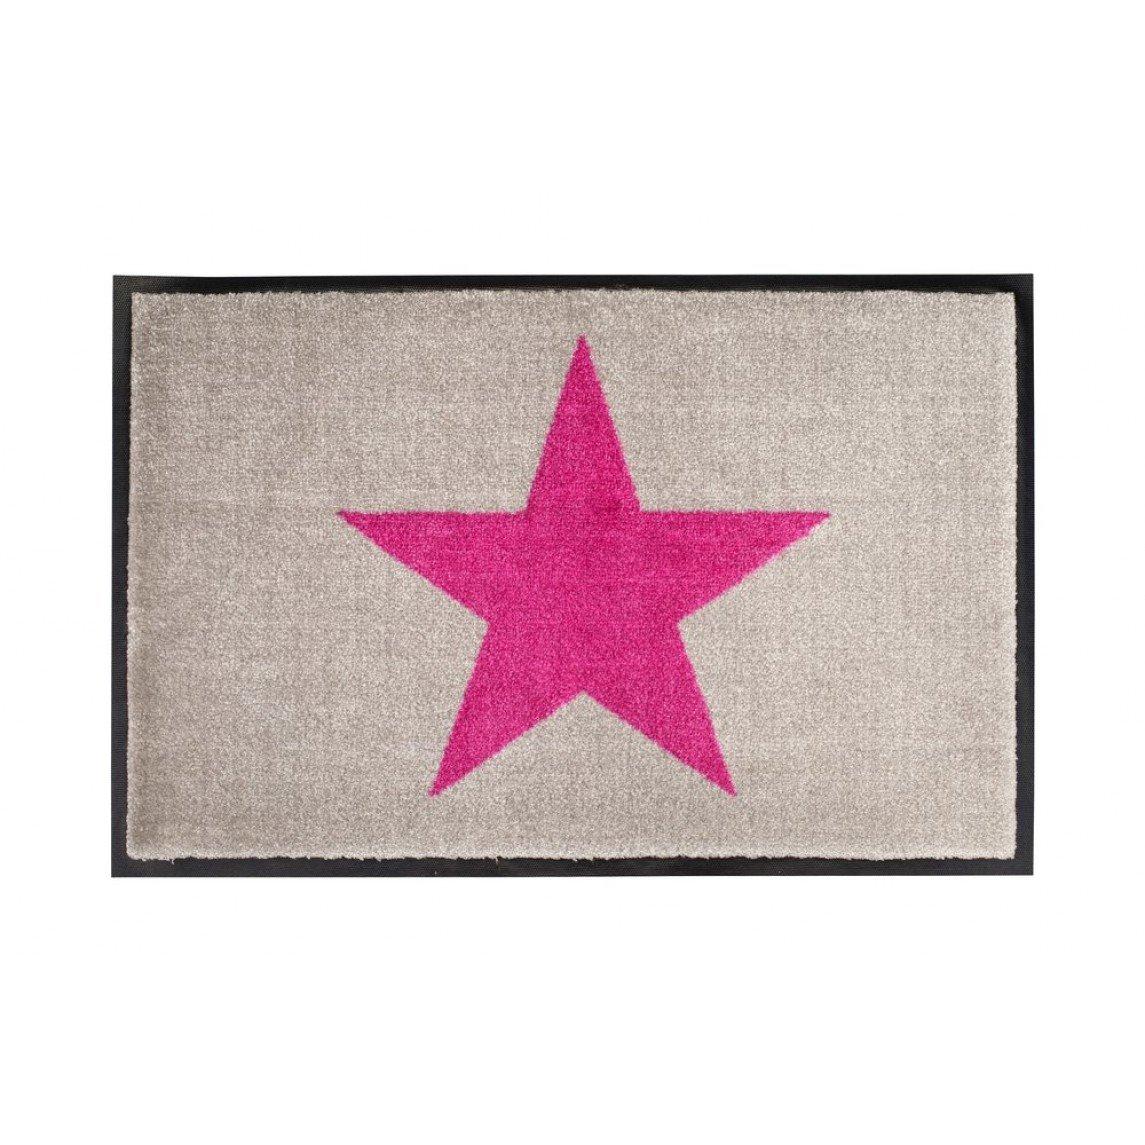 Gift Company - waschbare Fußmatte Fußmatte Fußmatte - Stern, Star - Grau - 75 x 50 cm B01AAFUY82 Fumatten f89d0a